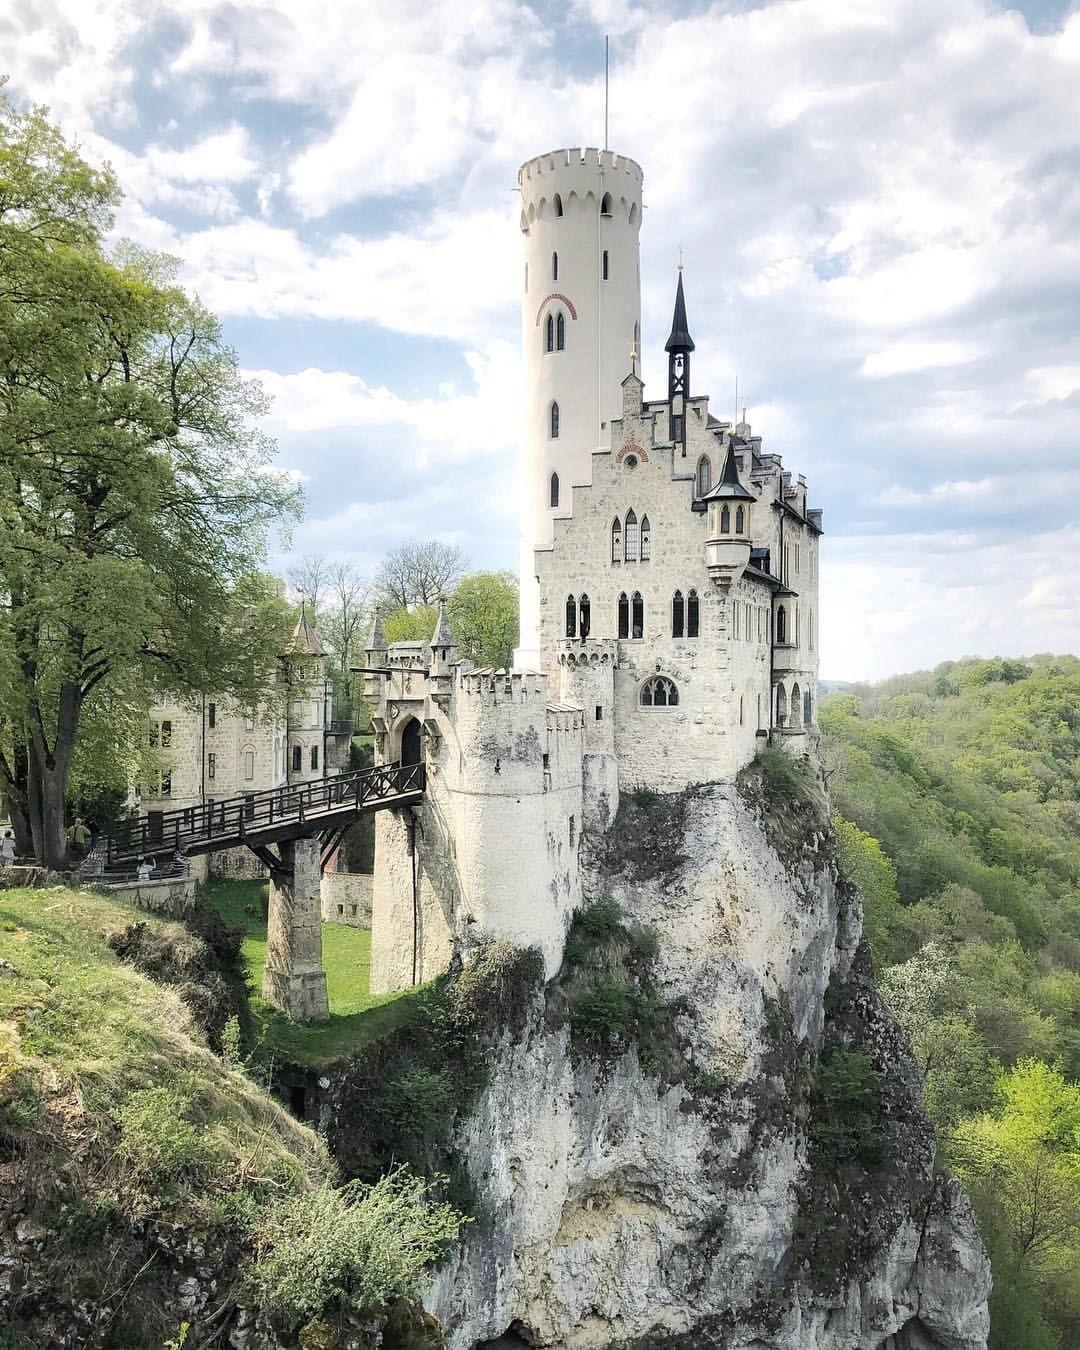 Liechtenstein Castle Europe Travel Destinations Europe Travel Places To Visit